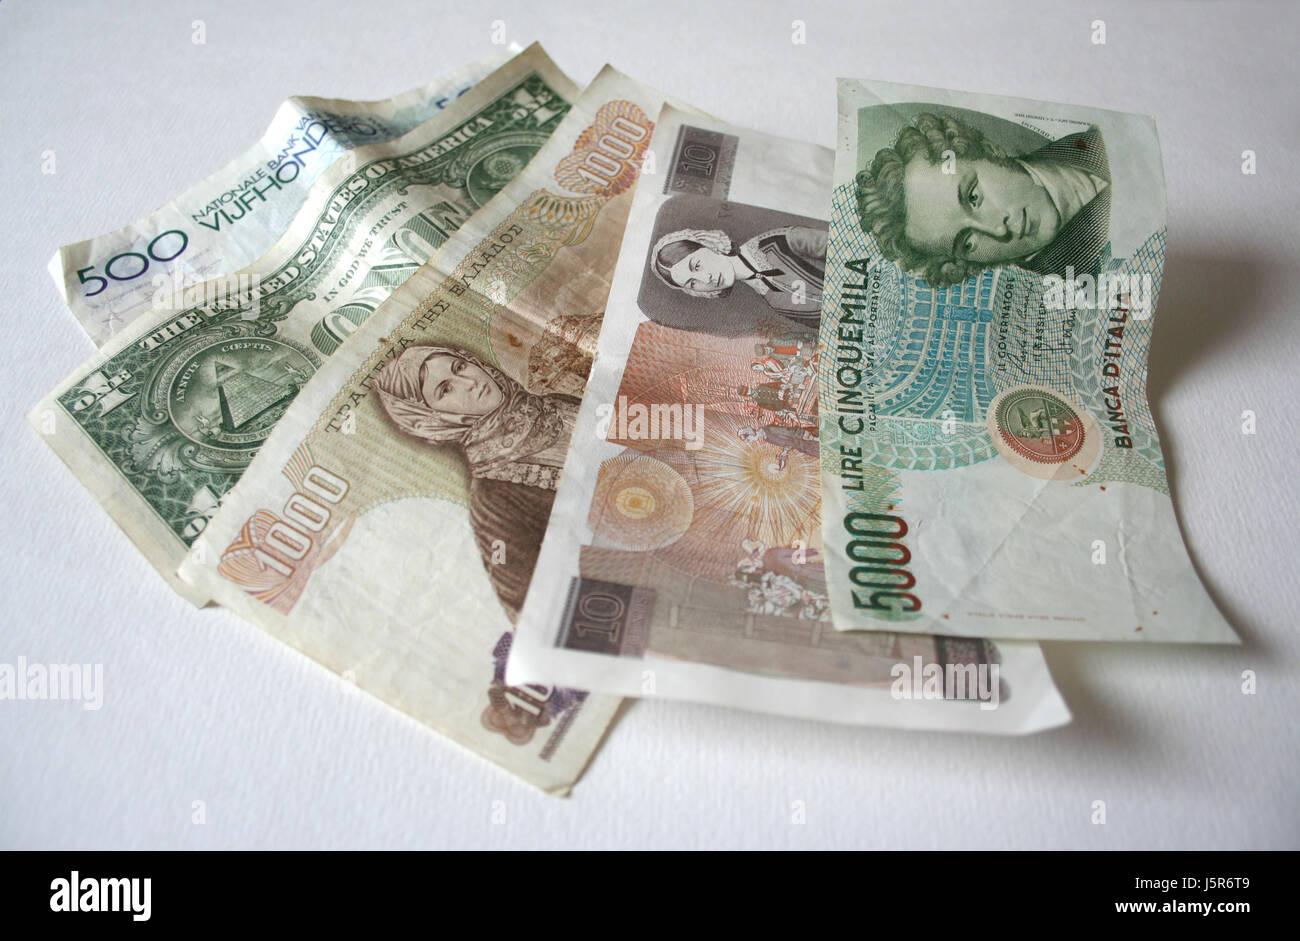 Pagar en moneda dólar Europa comprar billetes de banco extranjeros de países extranjeros Foto de stock